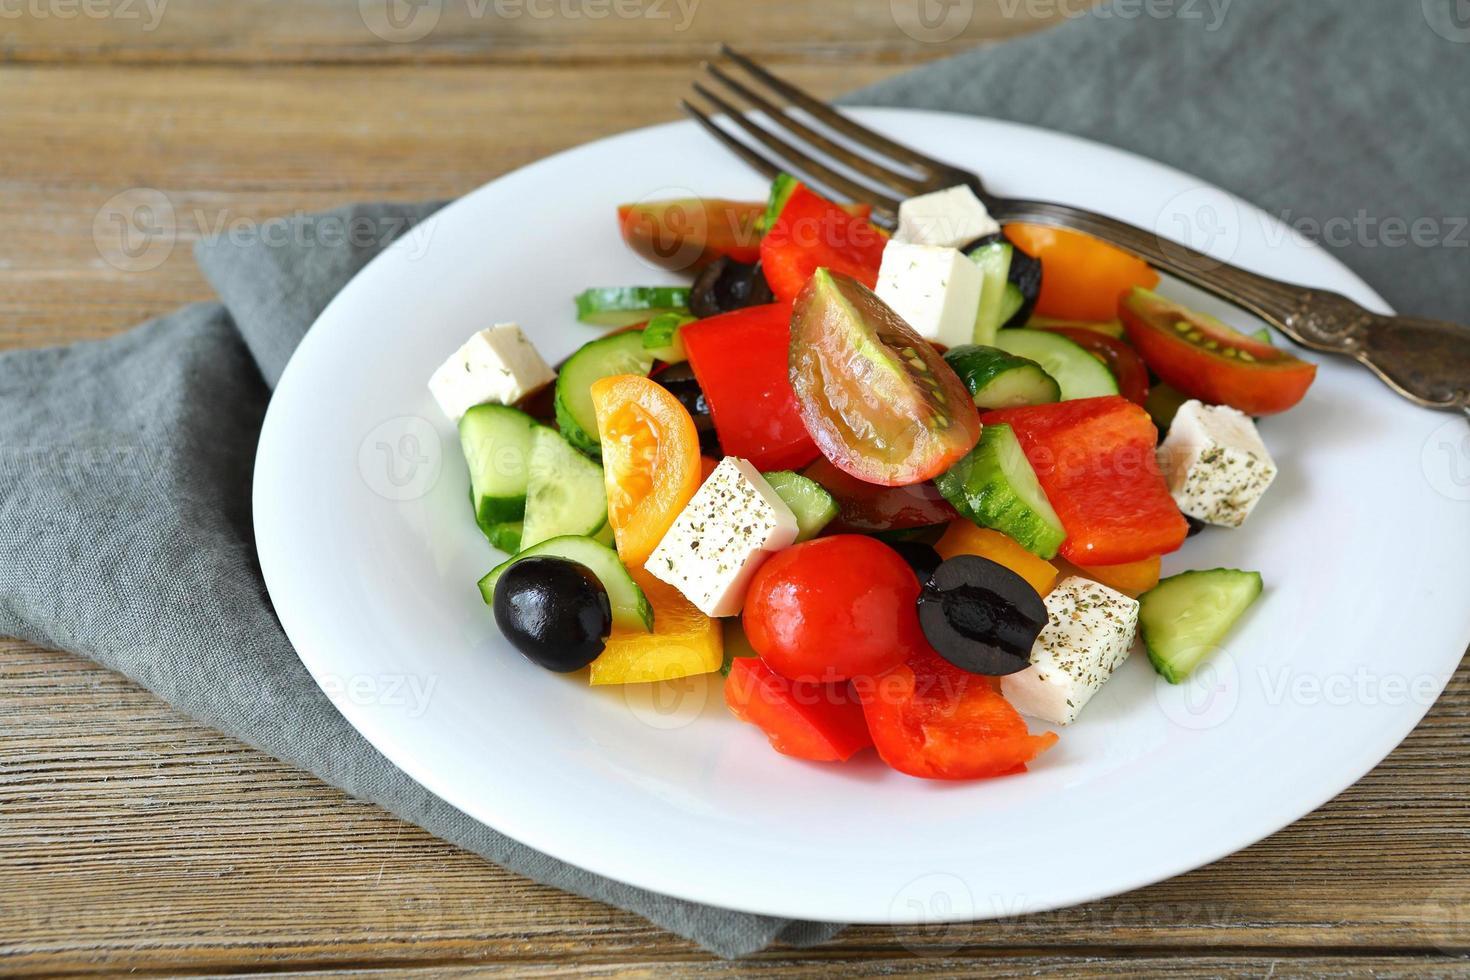 insalata greca su un piatto bianco foto